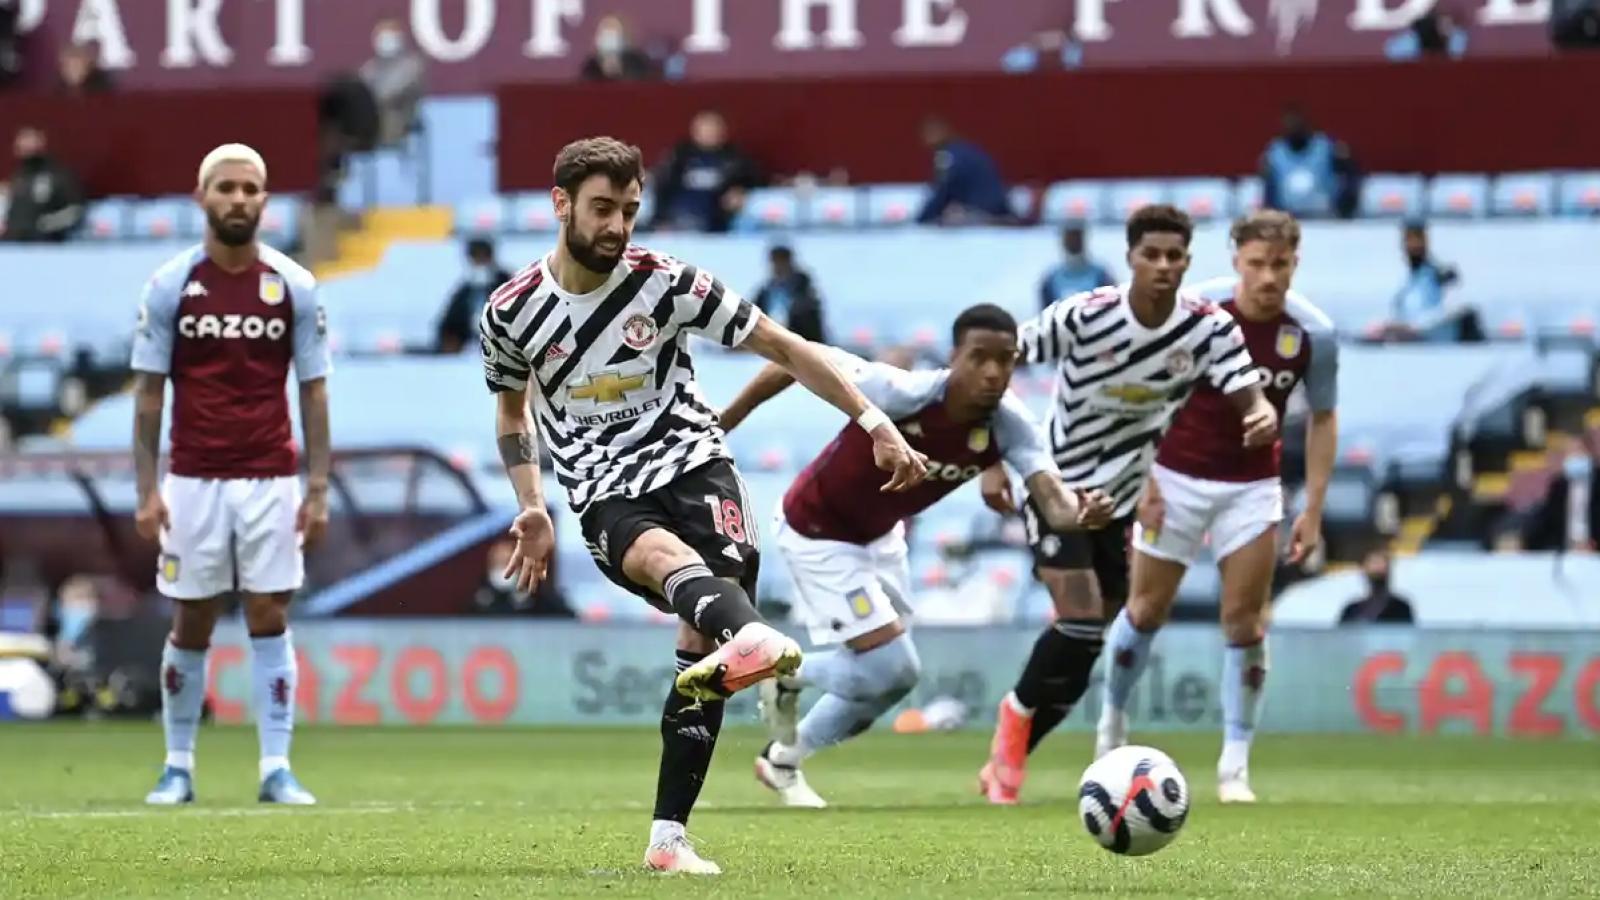 Ngược dòng giành thắng lợi 3-1 trên sân Aston Villa, MU trì hoãn ngày vui của Man City